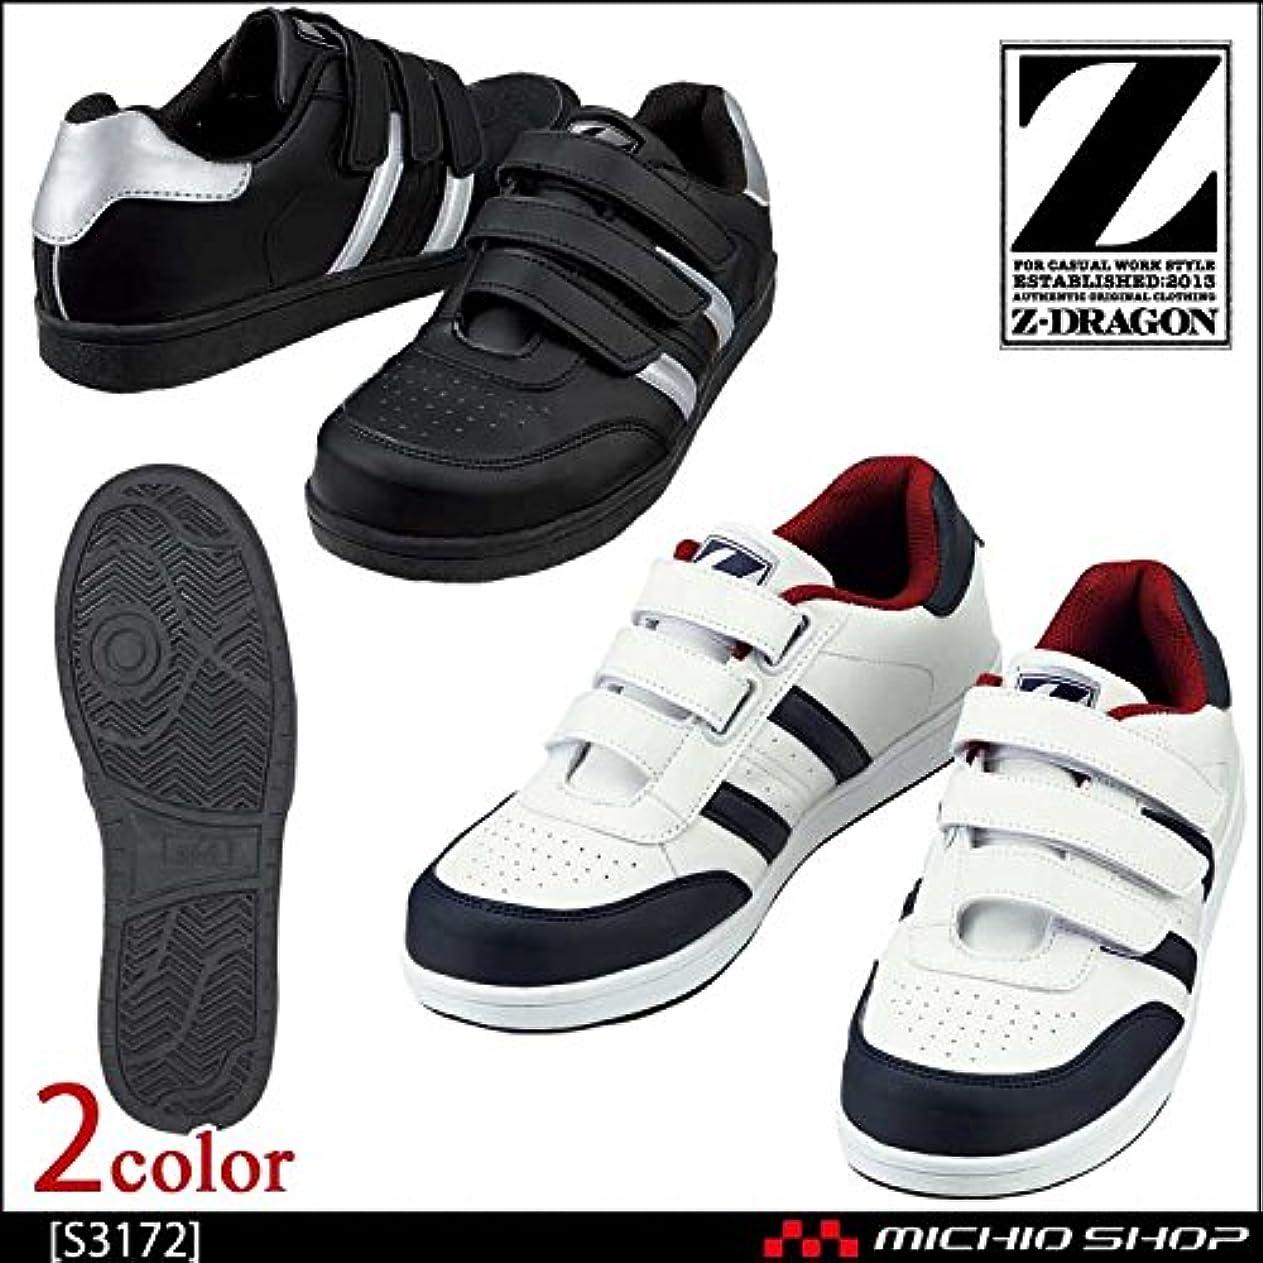 はず再発するこどもセンター自重堂 安全靴 ジードラゴン Z-DRAGON セーフティシューズ マジックタイプ S3172 Color:37ホワイト 22.0